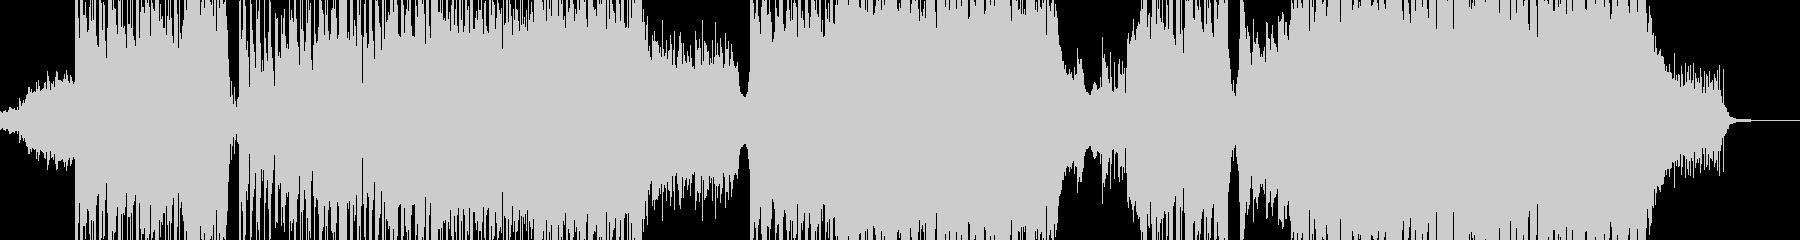 闇→光・爽快で感動的に展開 エレキ有C+の未再生の波形